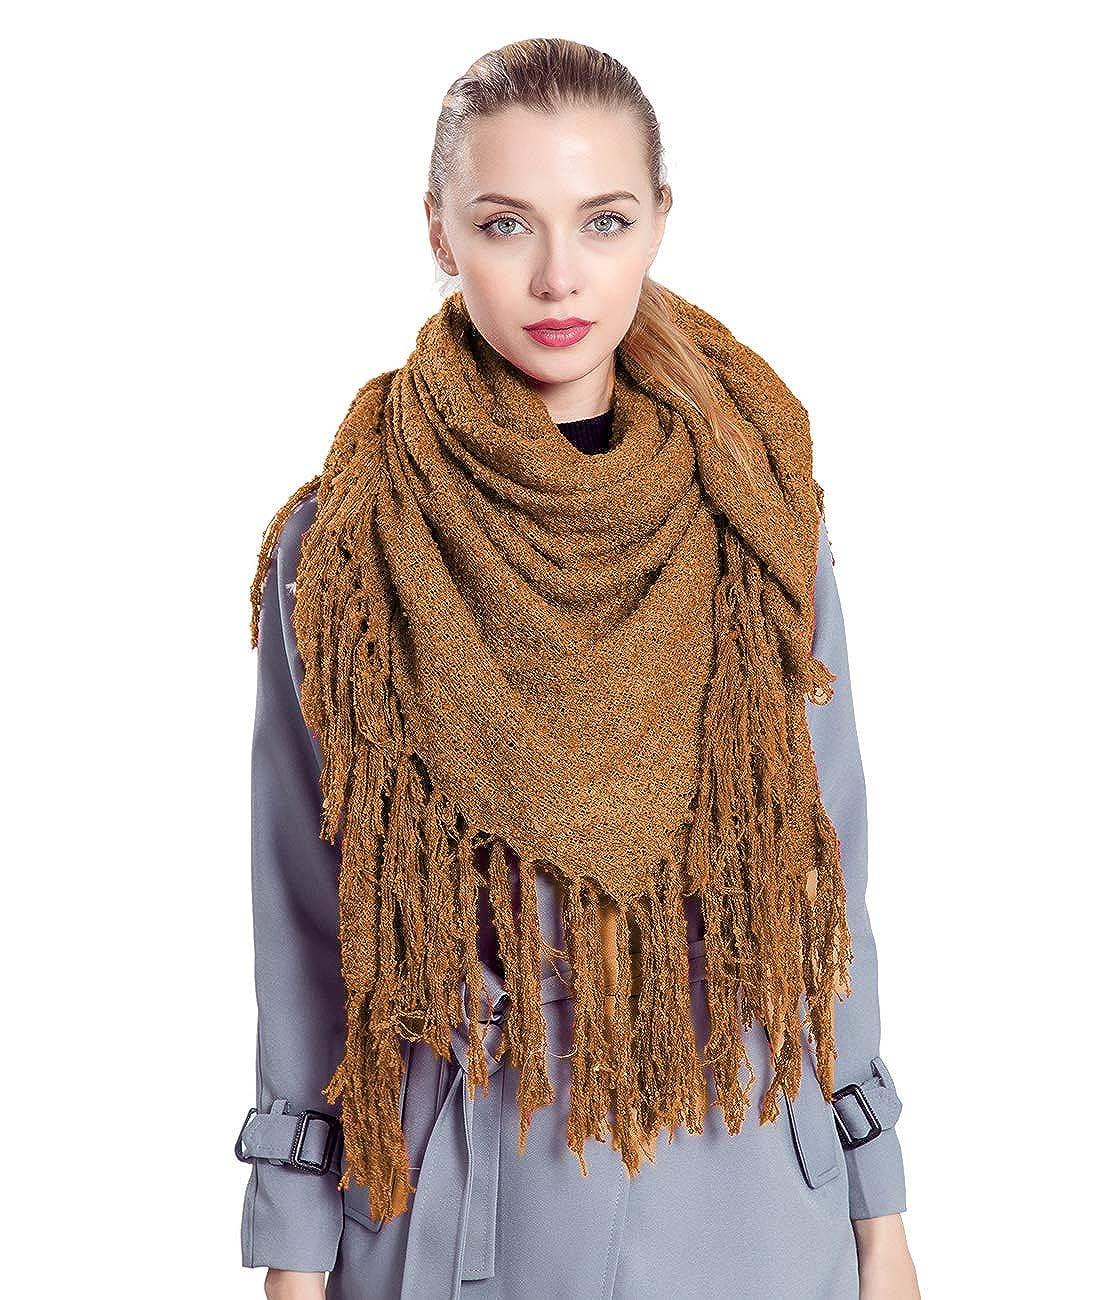 Superora Bufanda para Mujer Invierno Chal Manta Mantón Fular Grande Enorme con Borlas 150 * 170cm